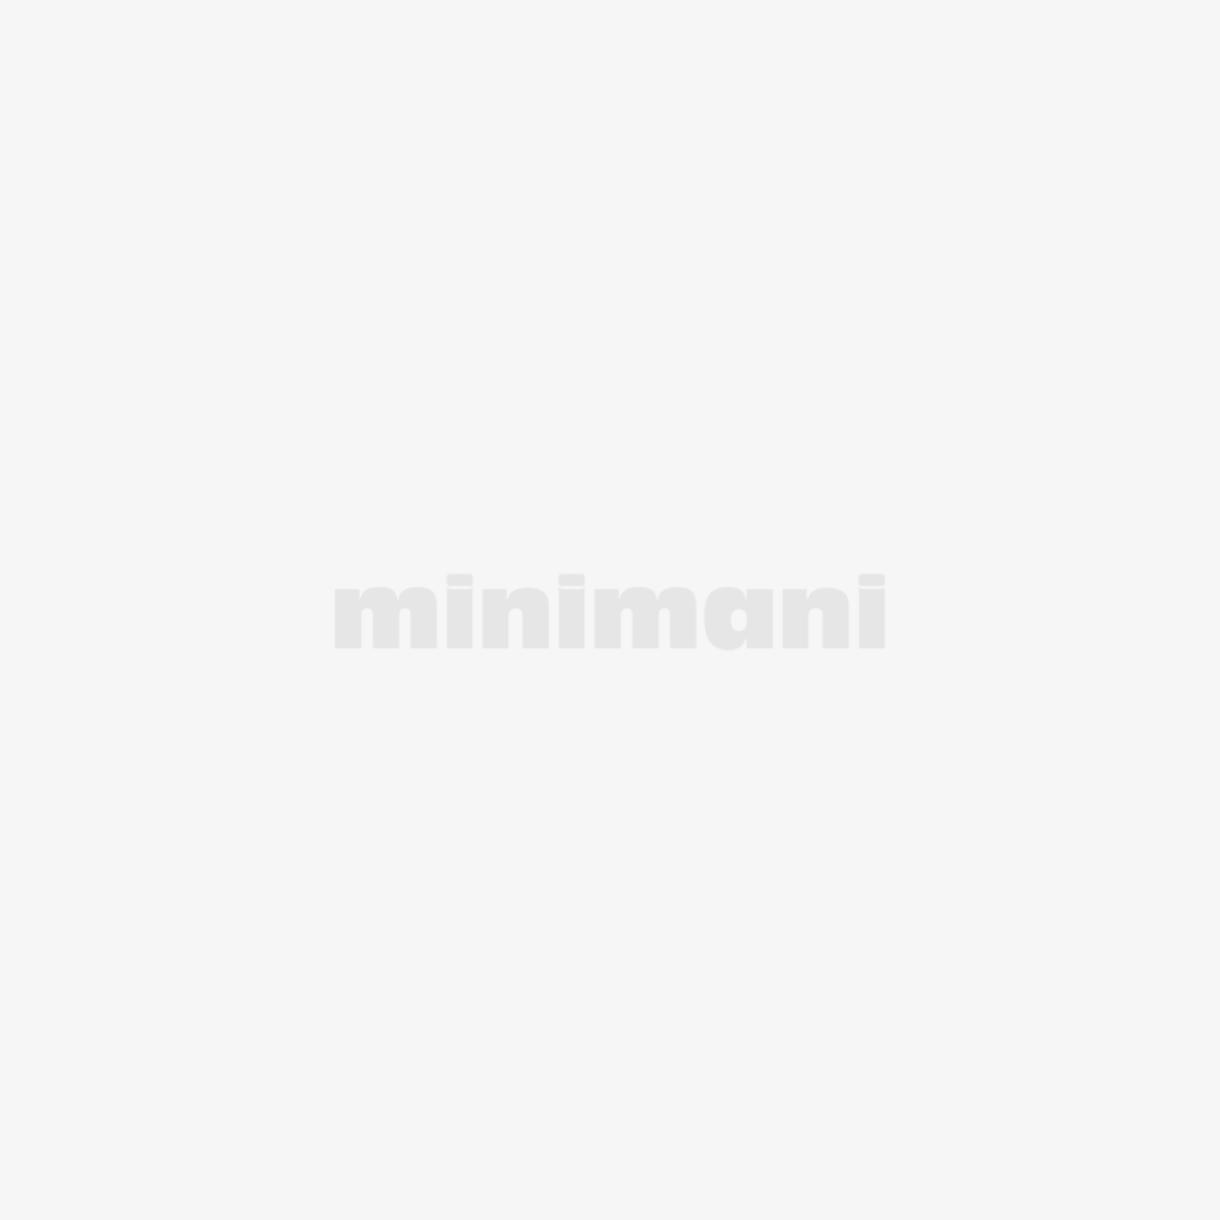 Marjukka pakasterasia 0,5 l /5 kpl displayssä